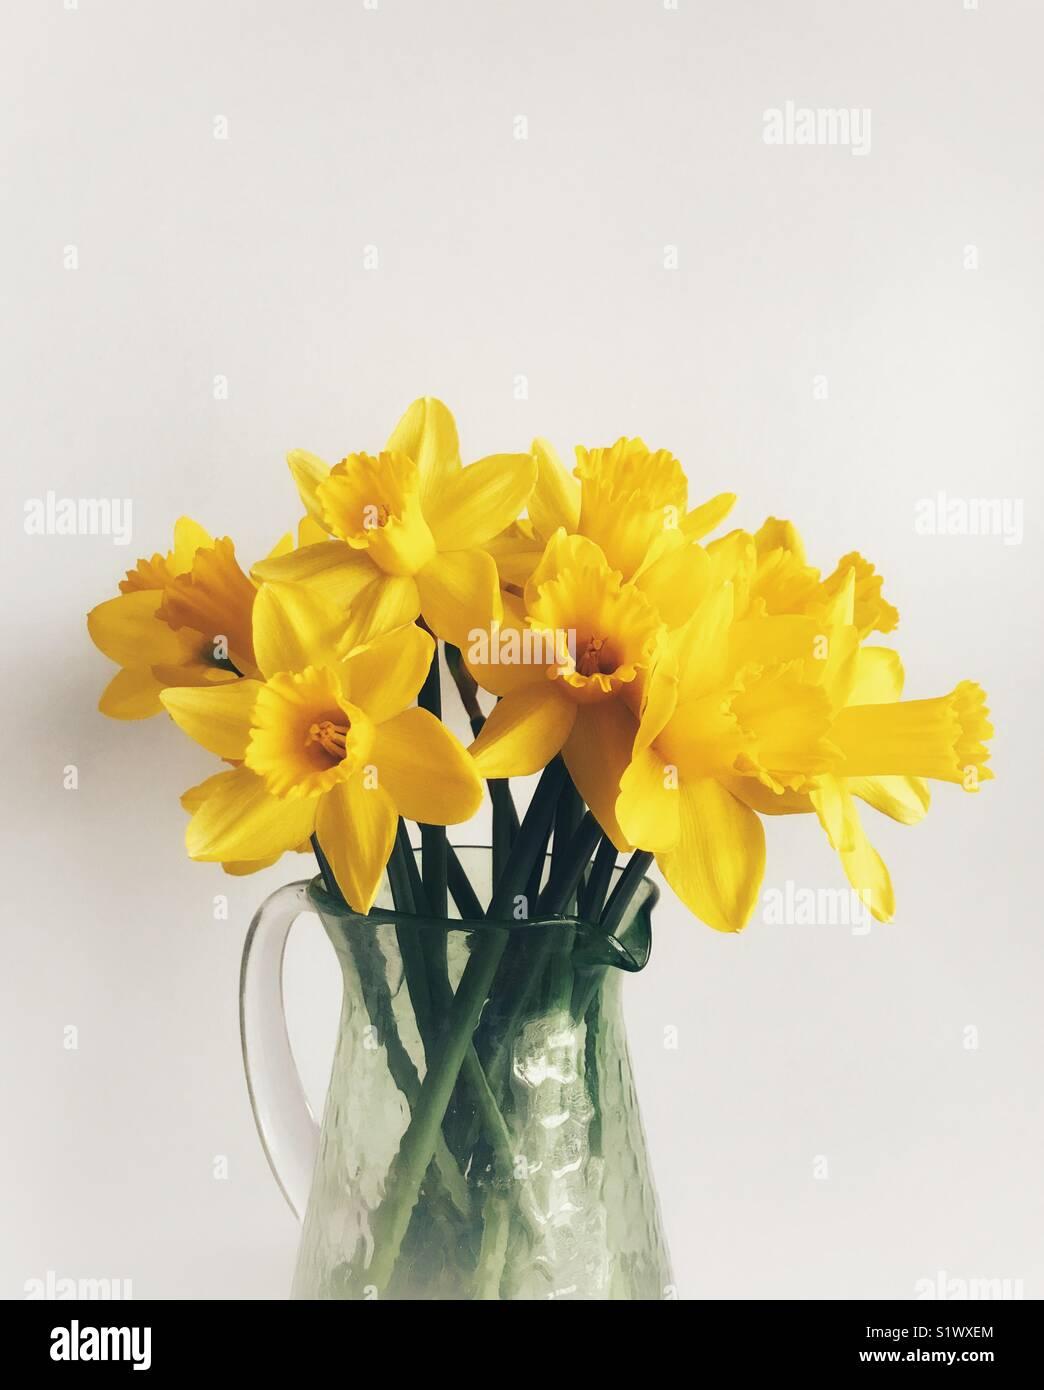 Giunchiglie in un vaso in vetro contro uno sfondo semplice Immagini Stock